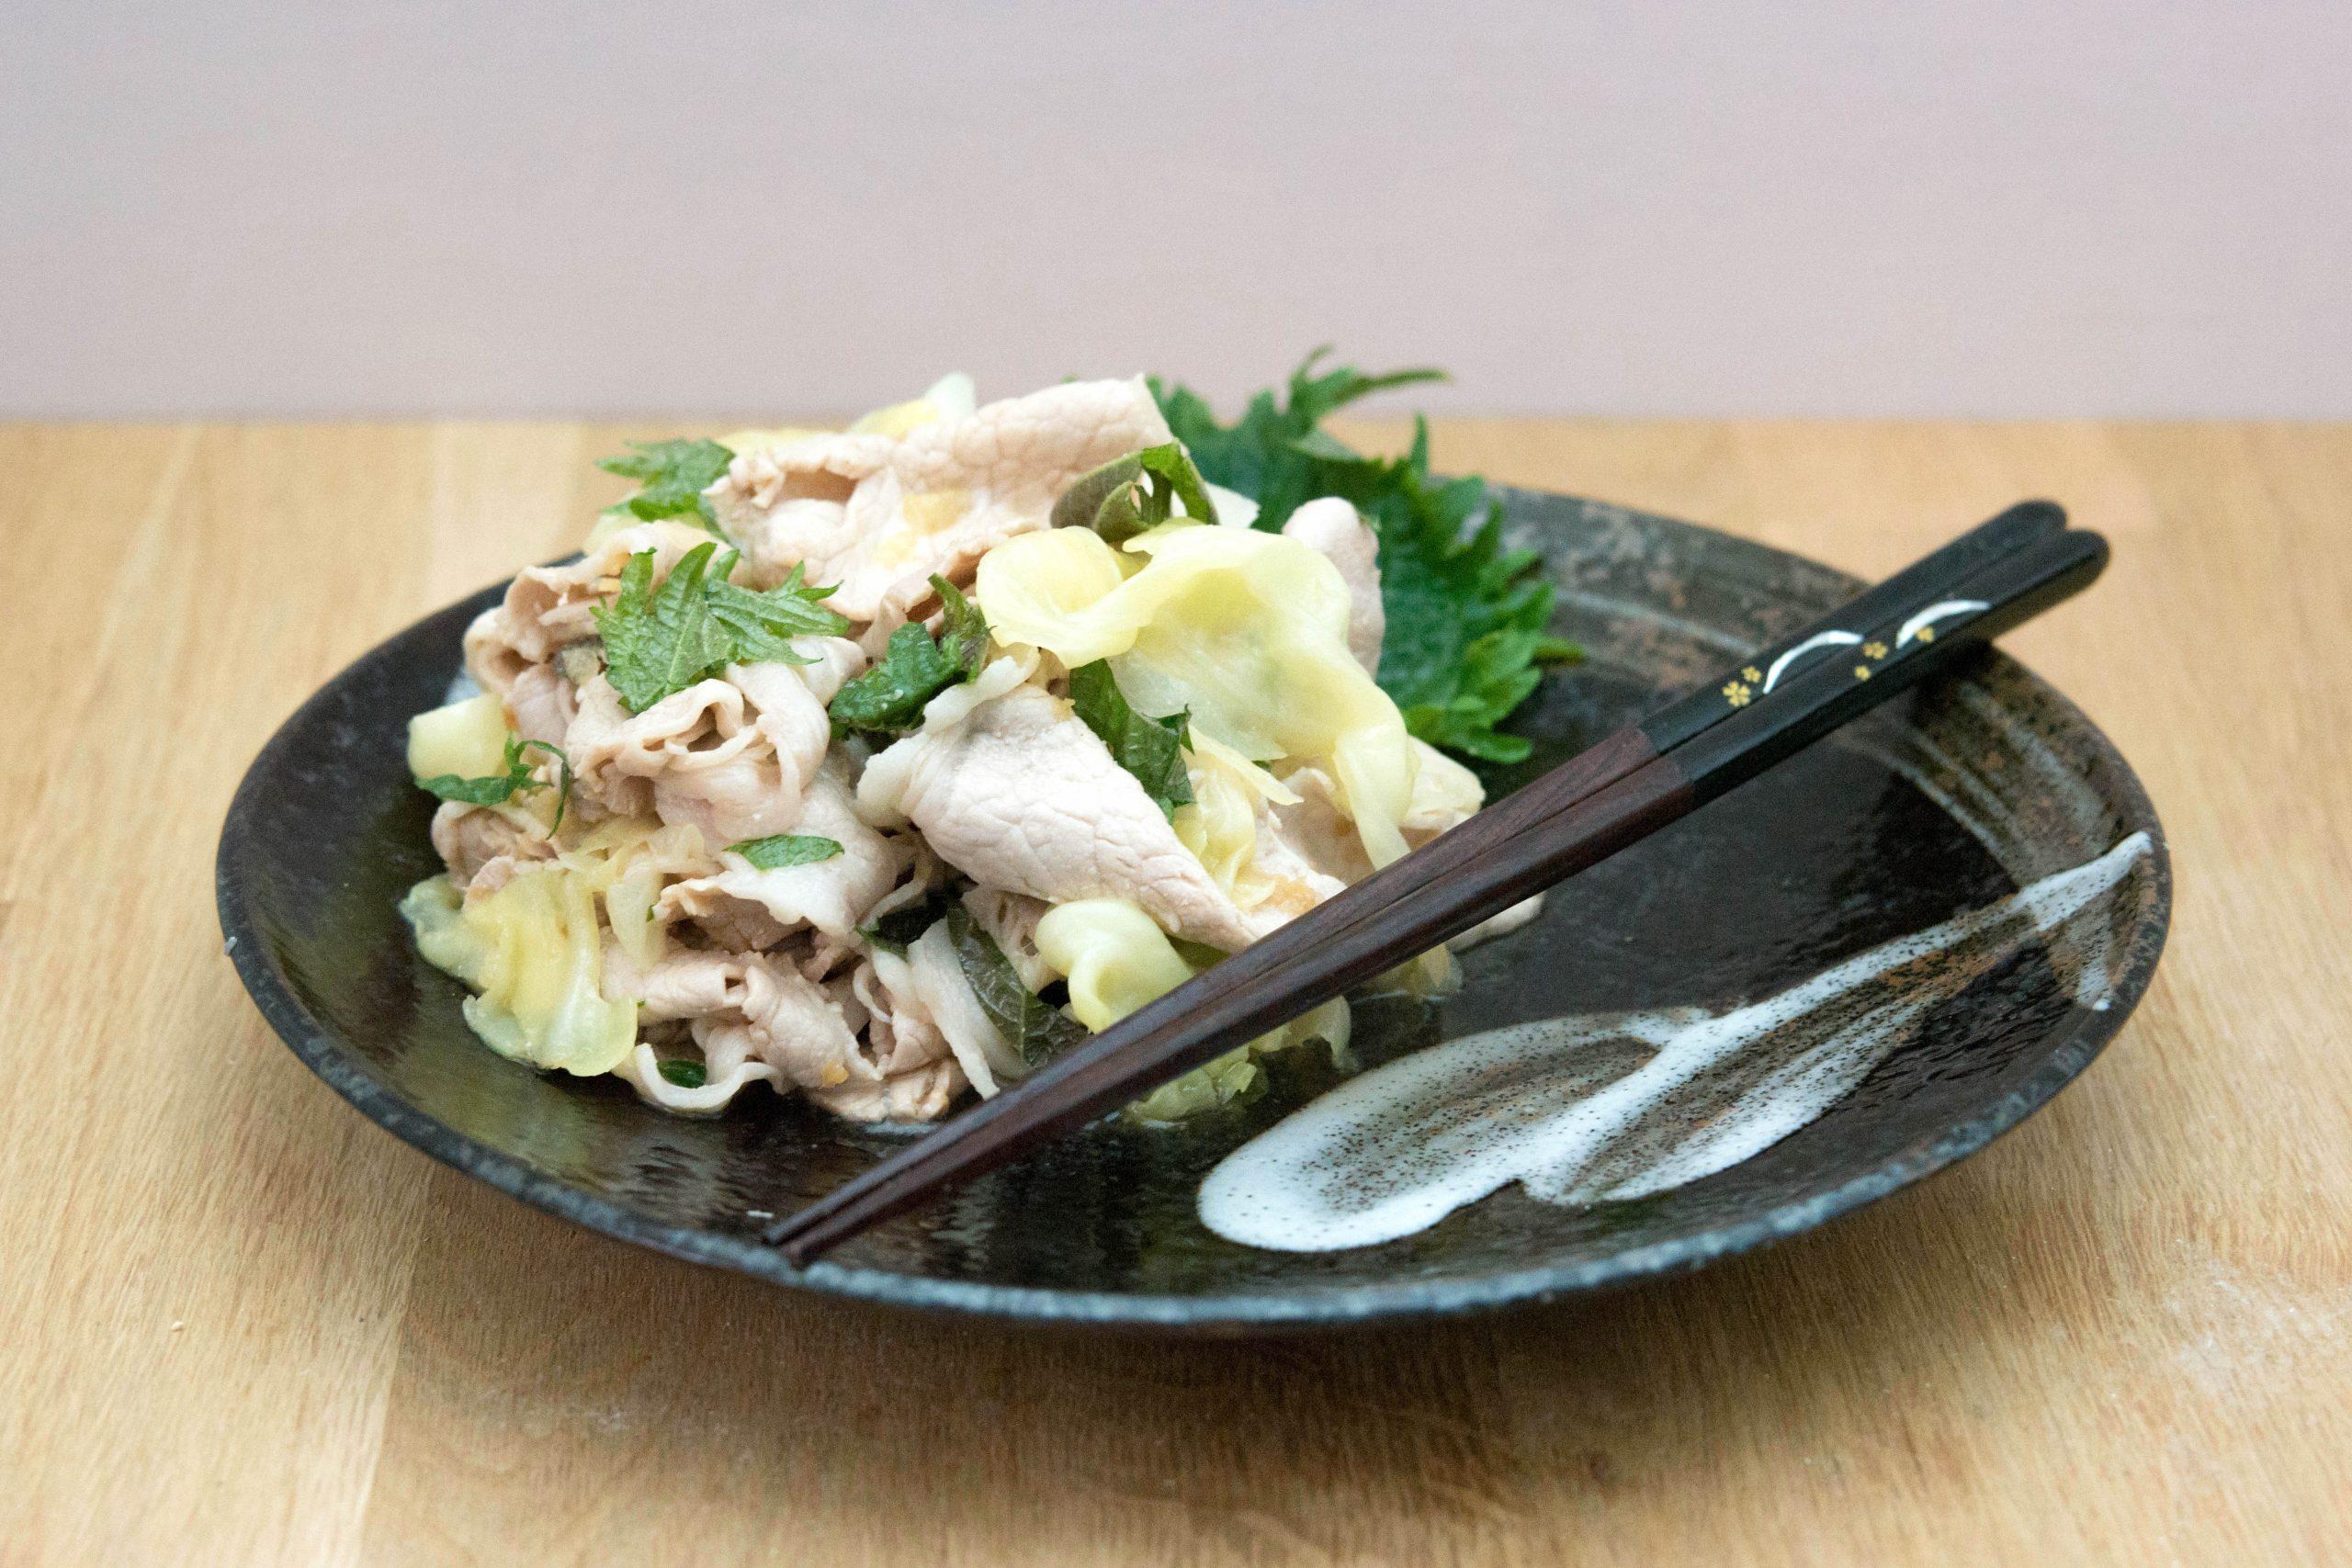 Salade de choux au porc